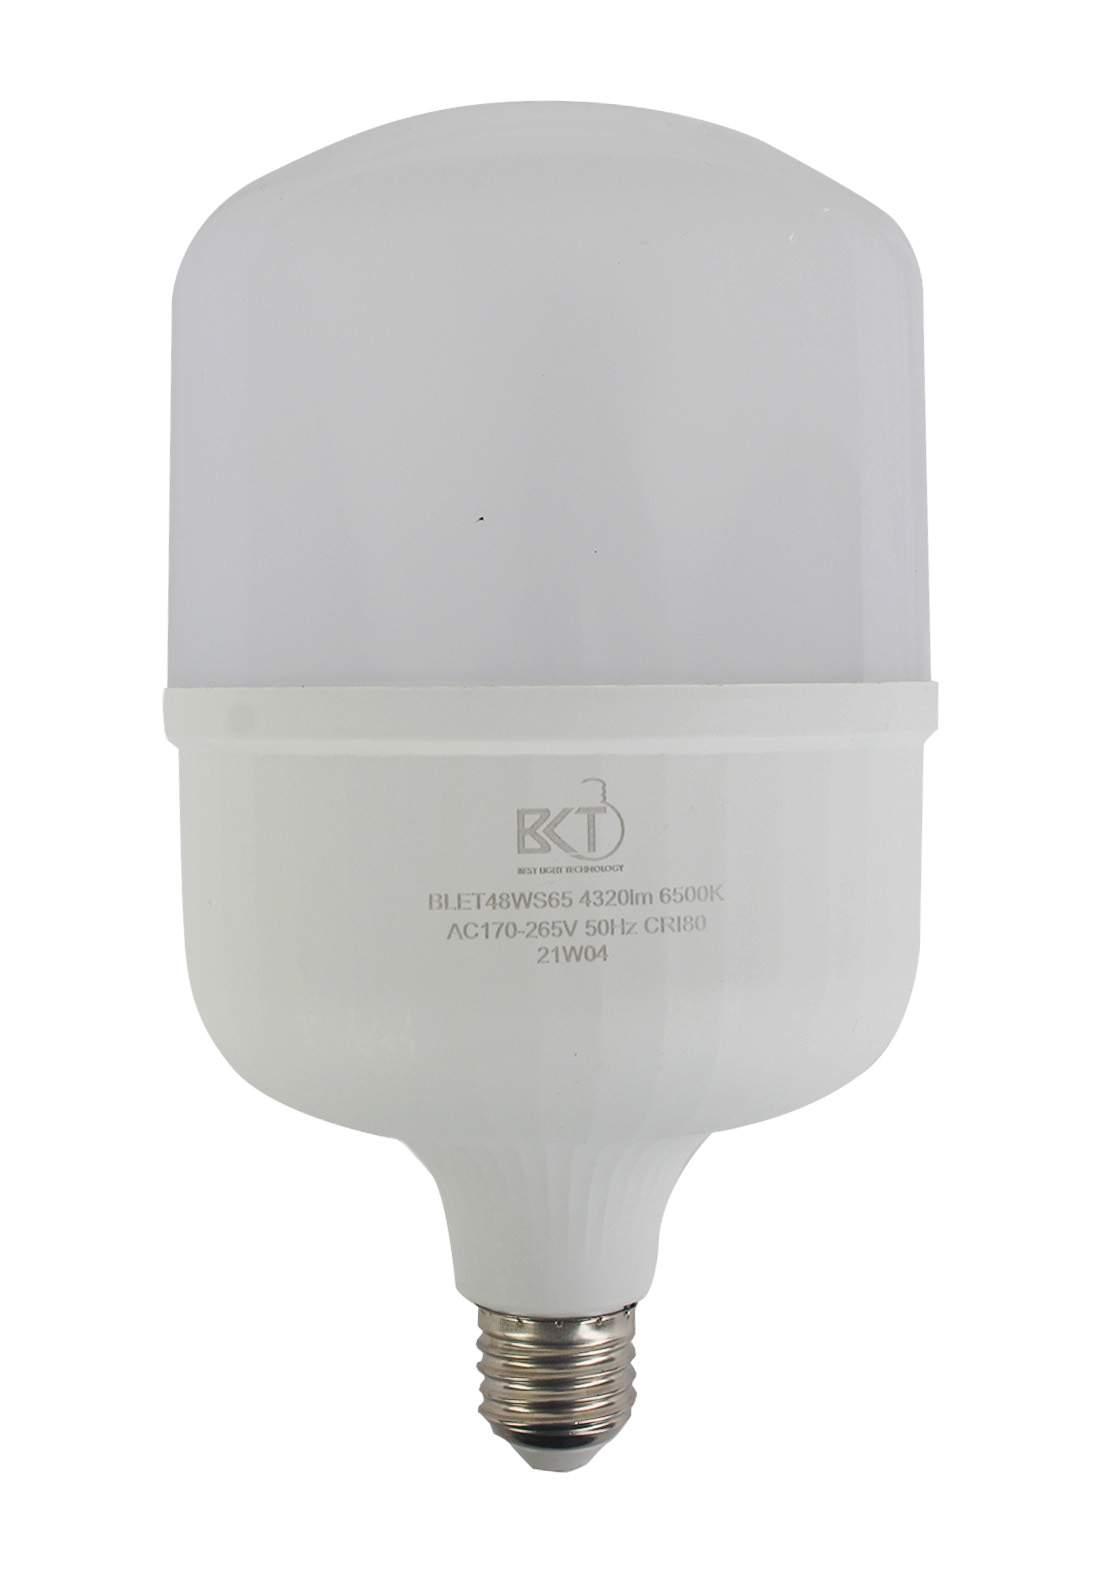 Bg BLET48WS65 led 48W مصباح ليد